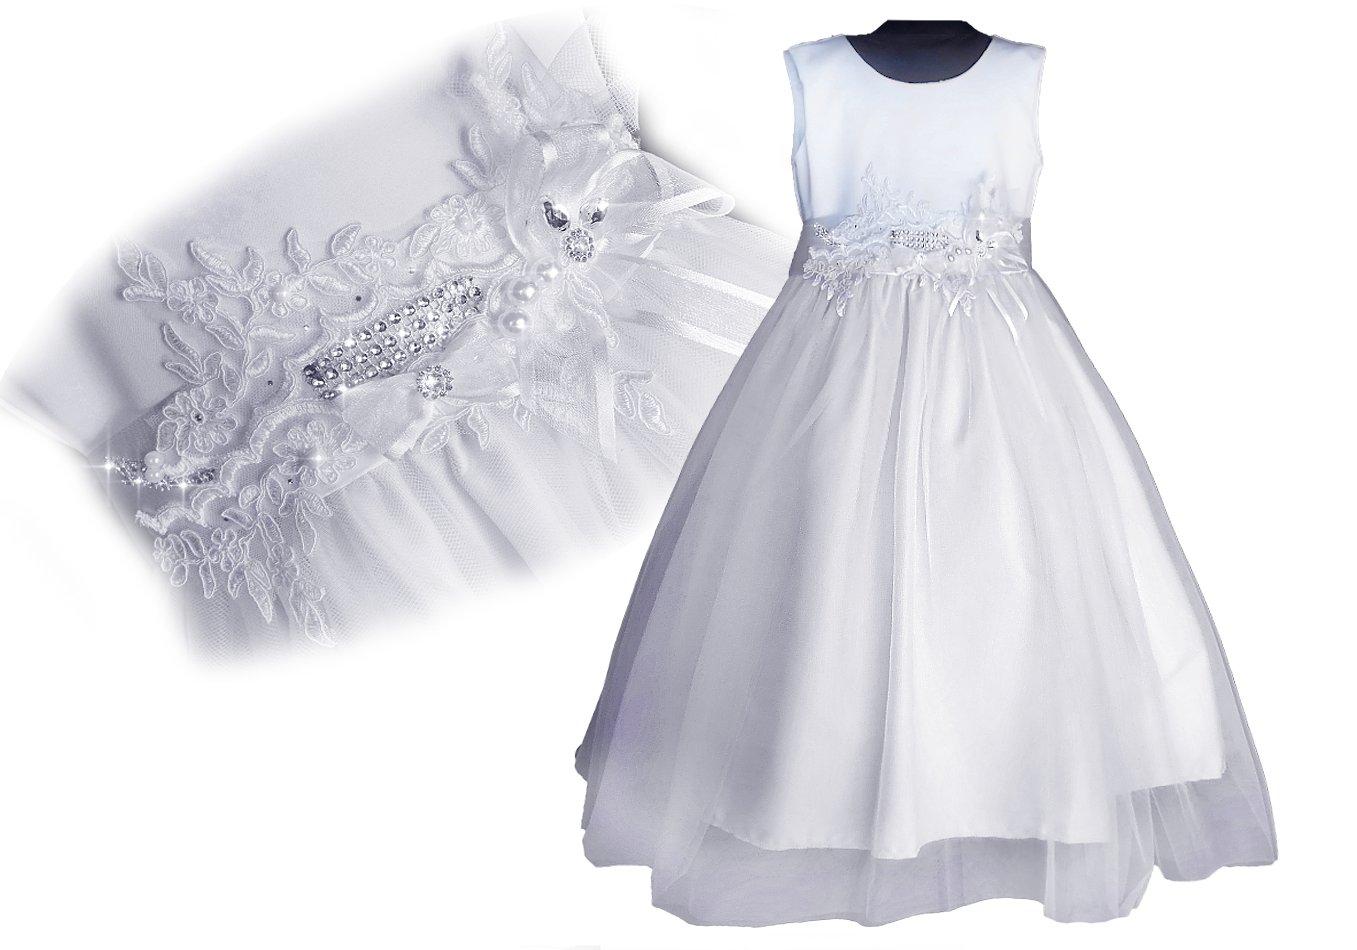 d08b596ad8 PL Olśniewająca sukienka PRZEBRANIE KOMUNIA 62 68 - 7117149768 ...